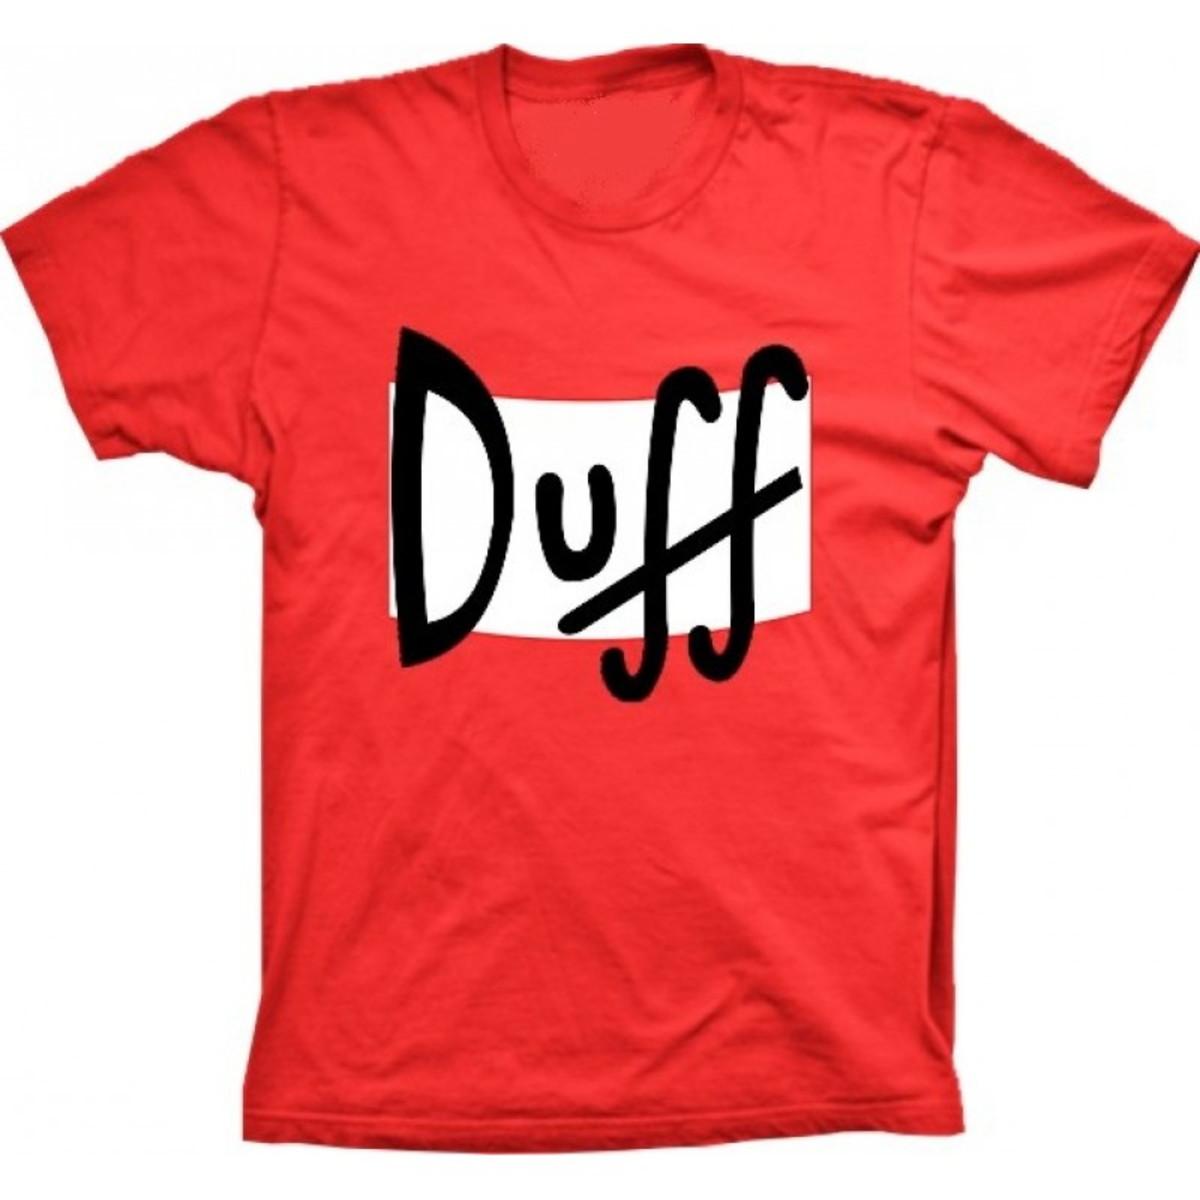 614647a80a07 Camiseta Duff Cerveja Simpsons no Elo7 | Iron Camisetas (FD7883)